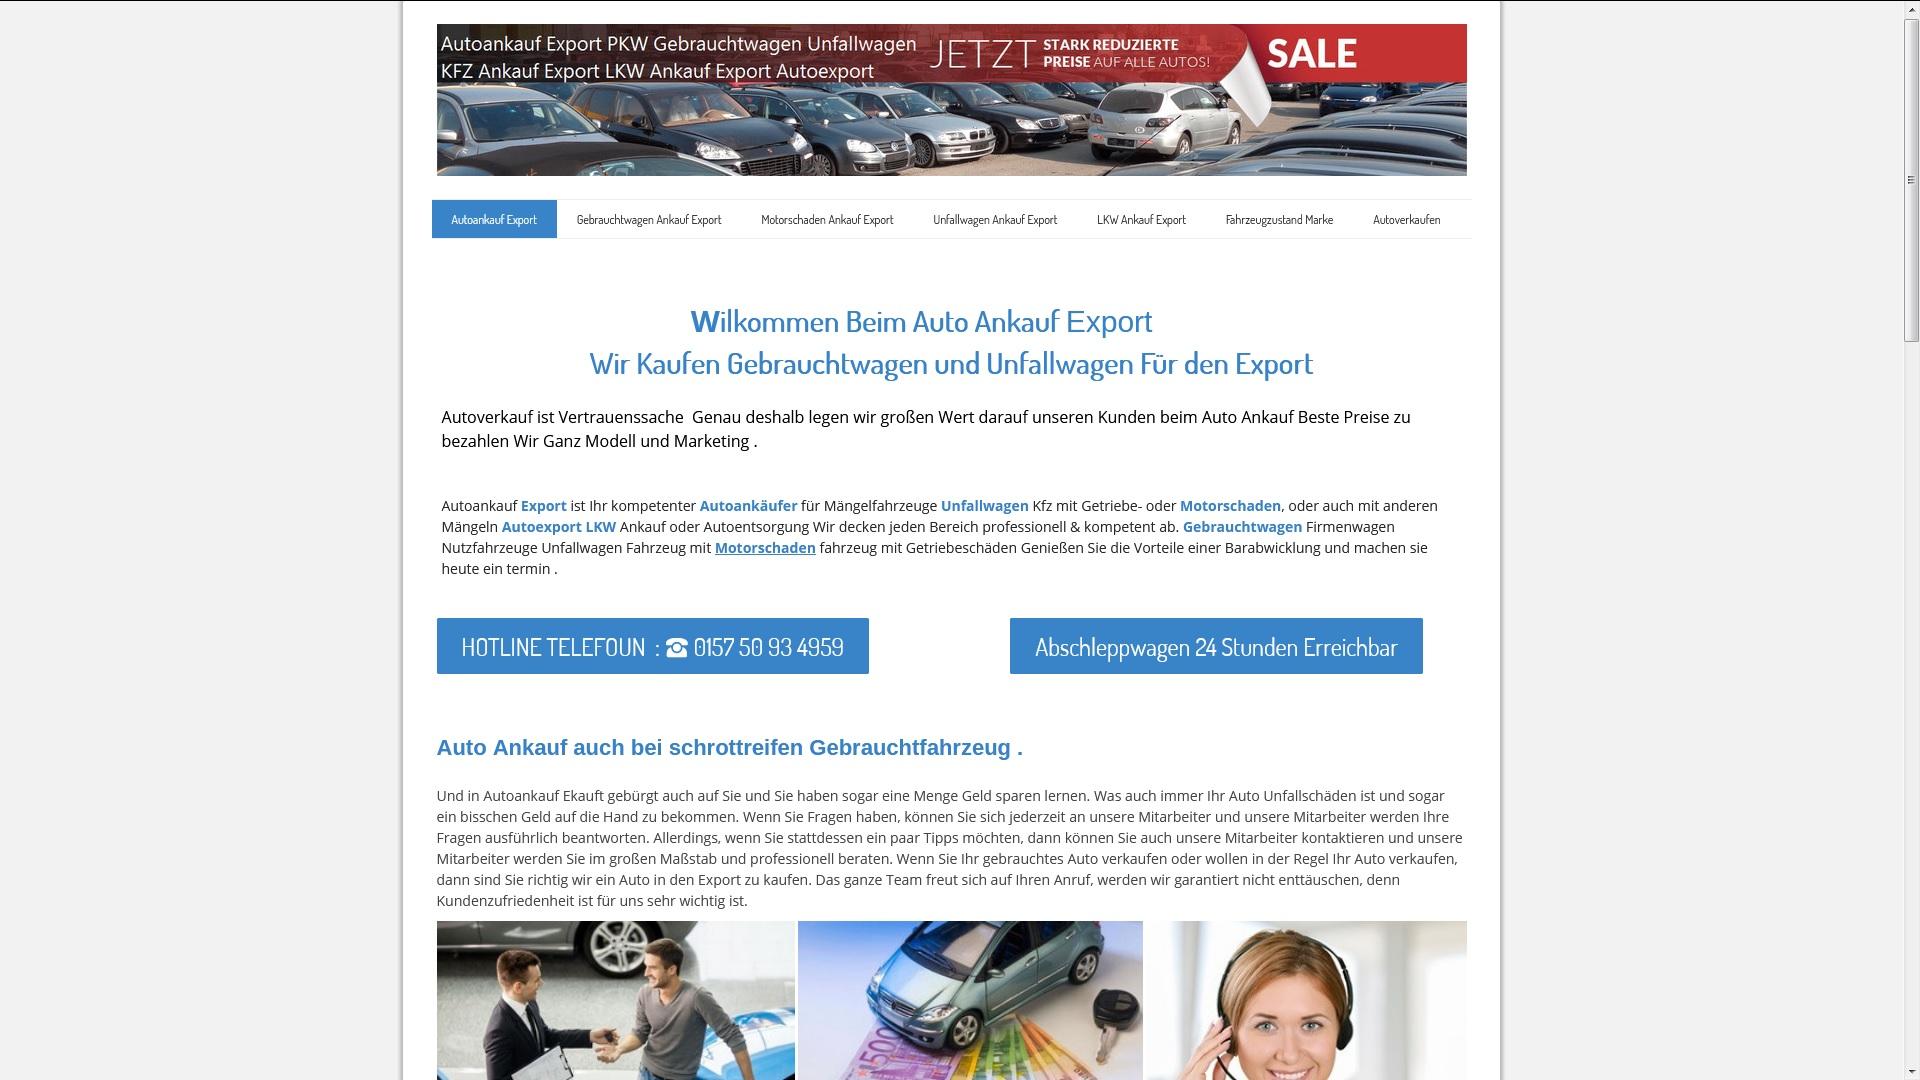 autoankauf koblenz autoverkauf zum hoechstpreis - Autoankauf Koblenz   Autoverkauf zum Höchstpreis